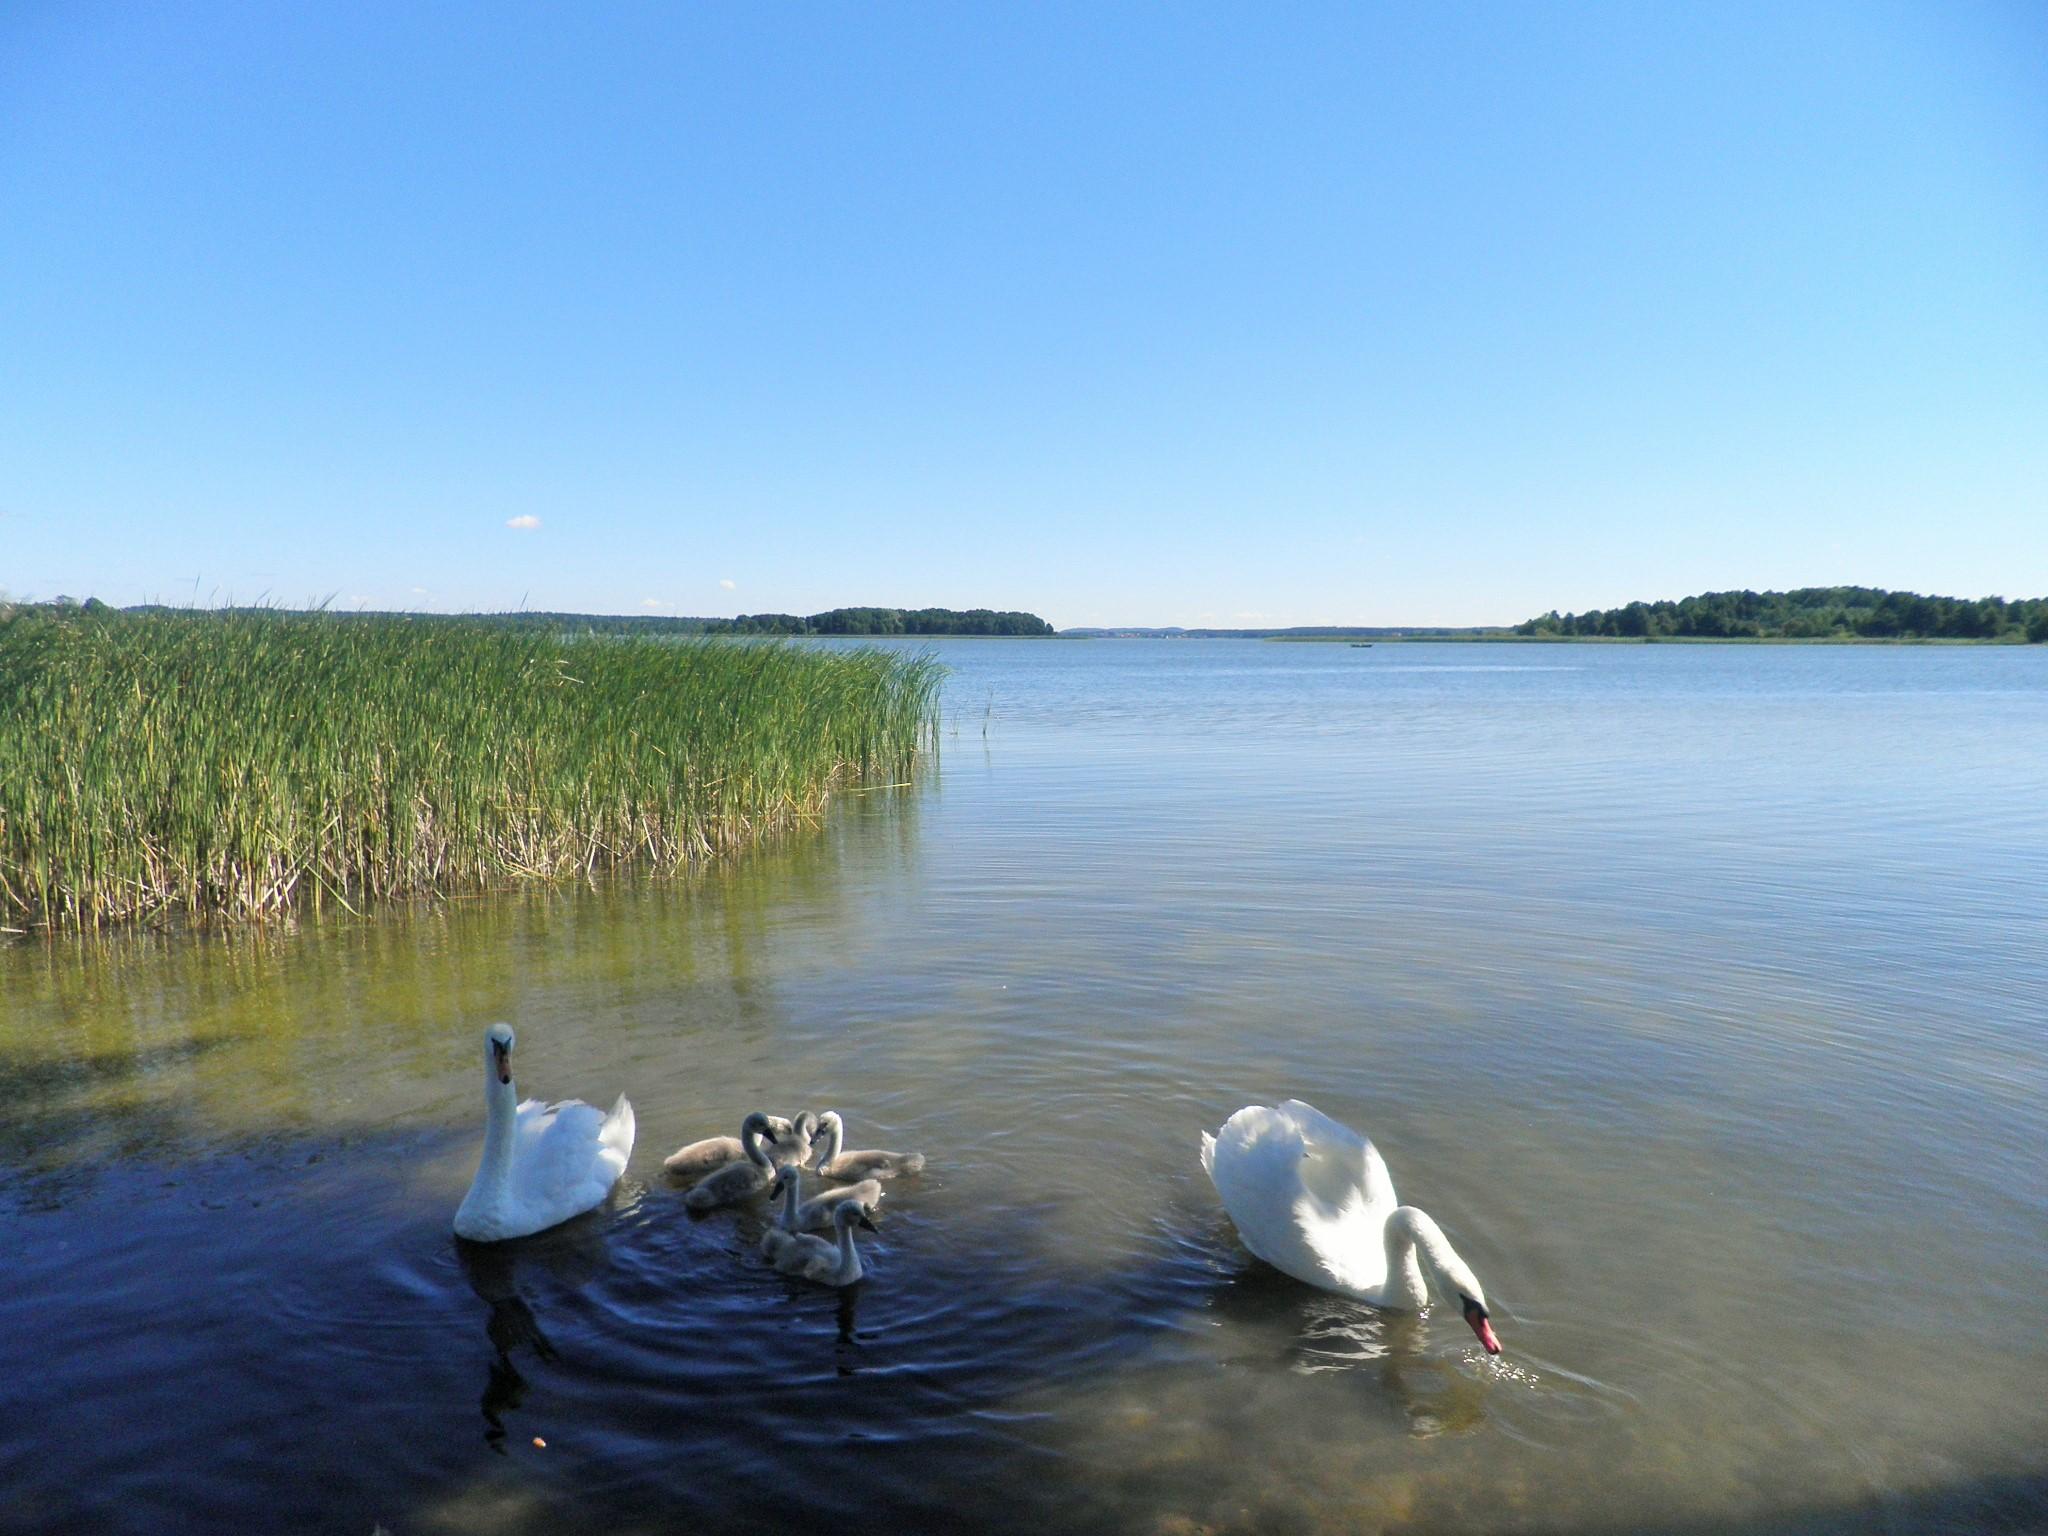 Rodzinna atmosfera, łabędzia rodzinka, Kal, jezioro Święcajty